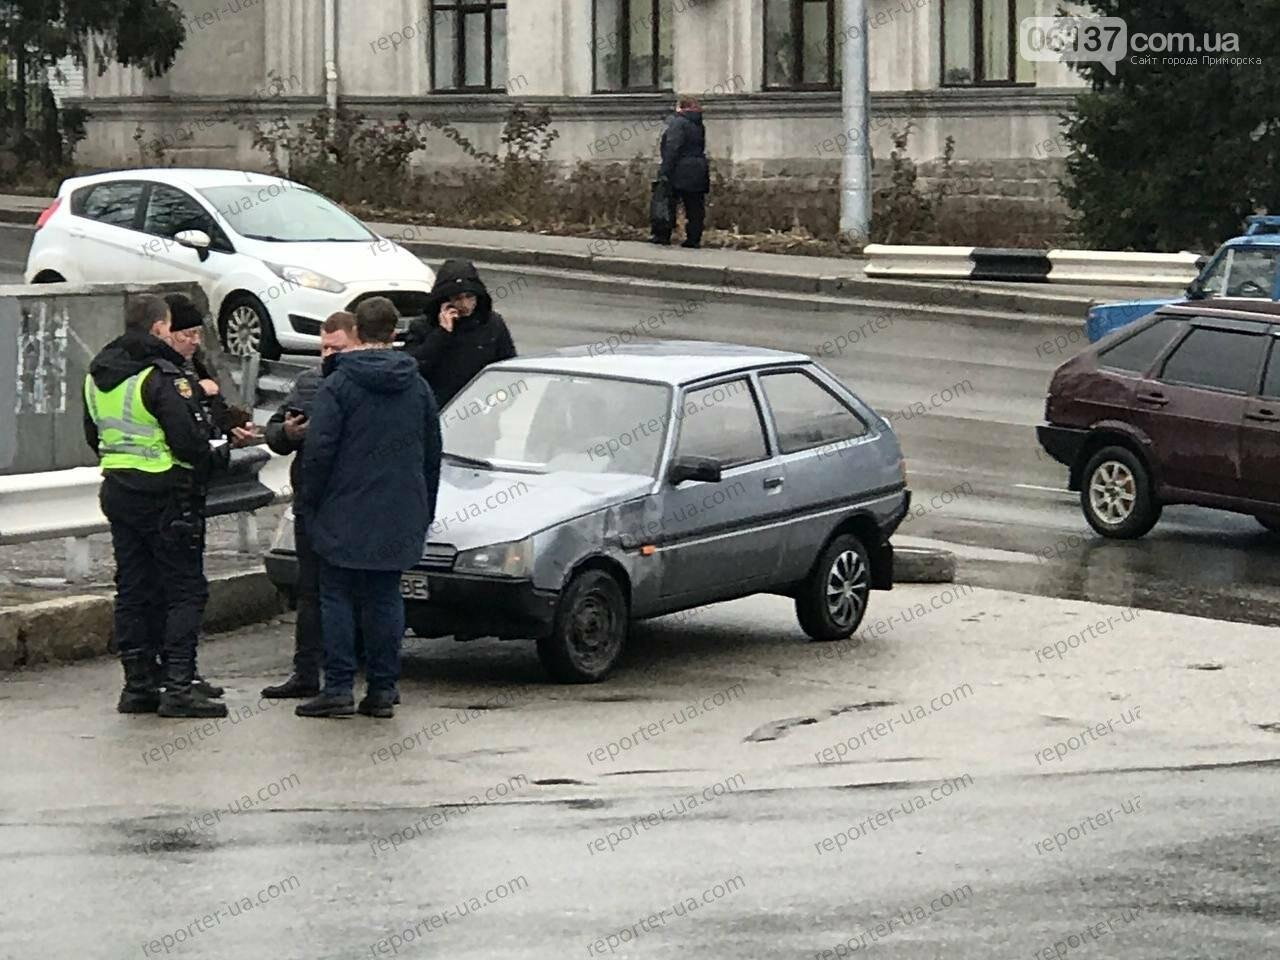 Утренняя авария на запорожской плотине привела к пробке: автобус столкнулся с легковым авто. Фото/Видео, фото-2